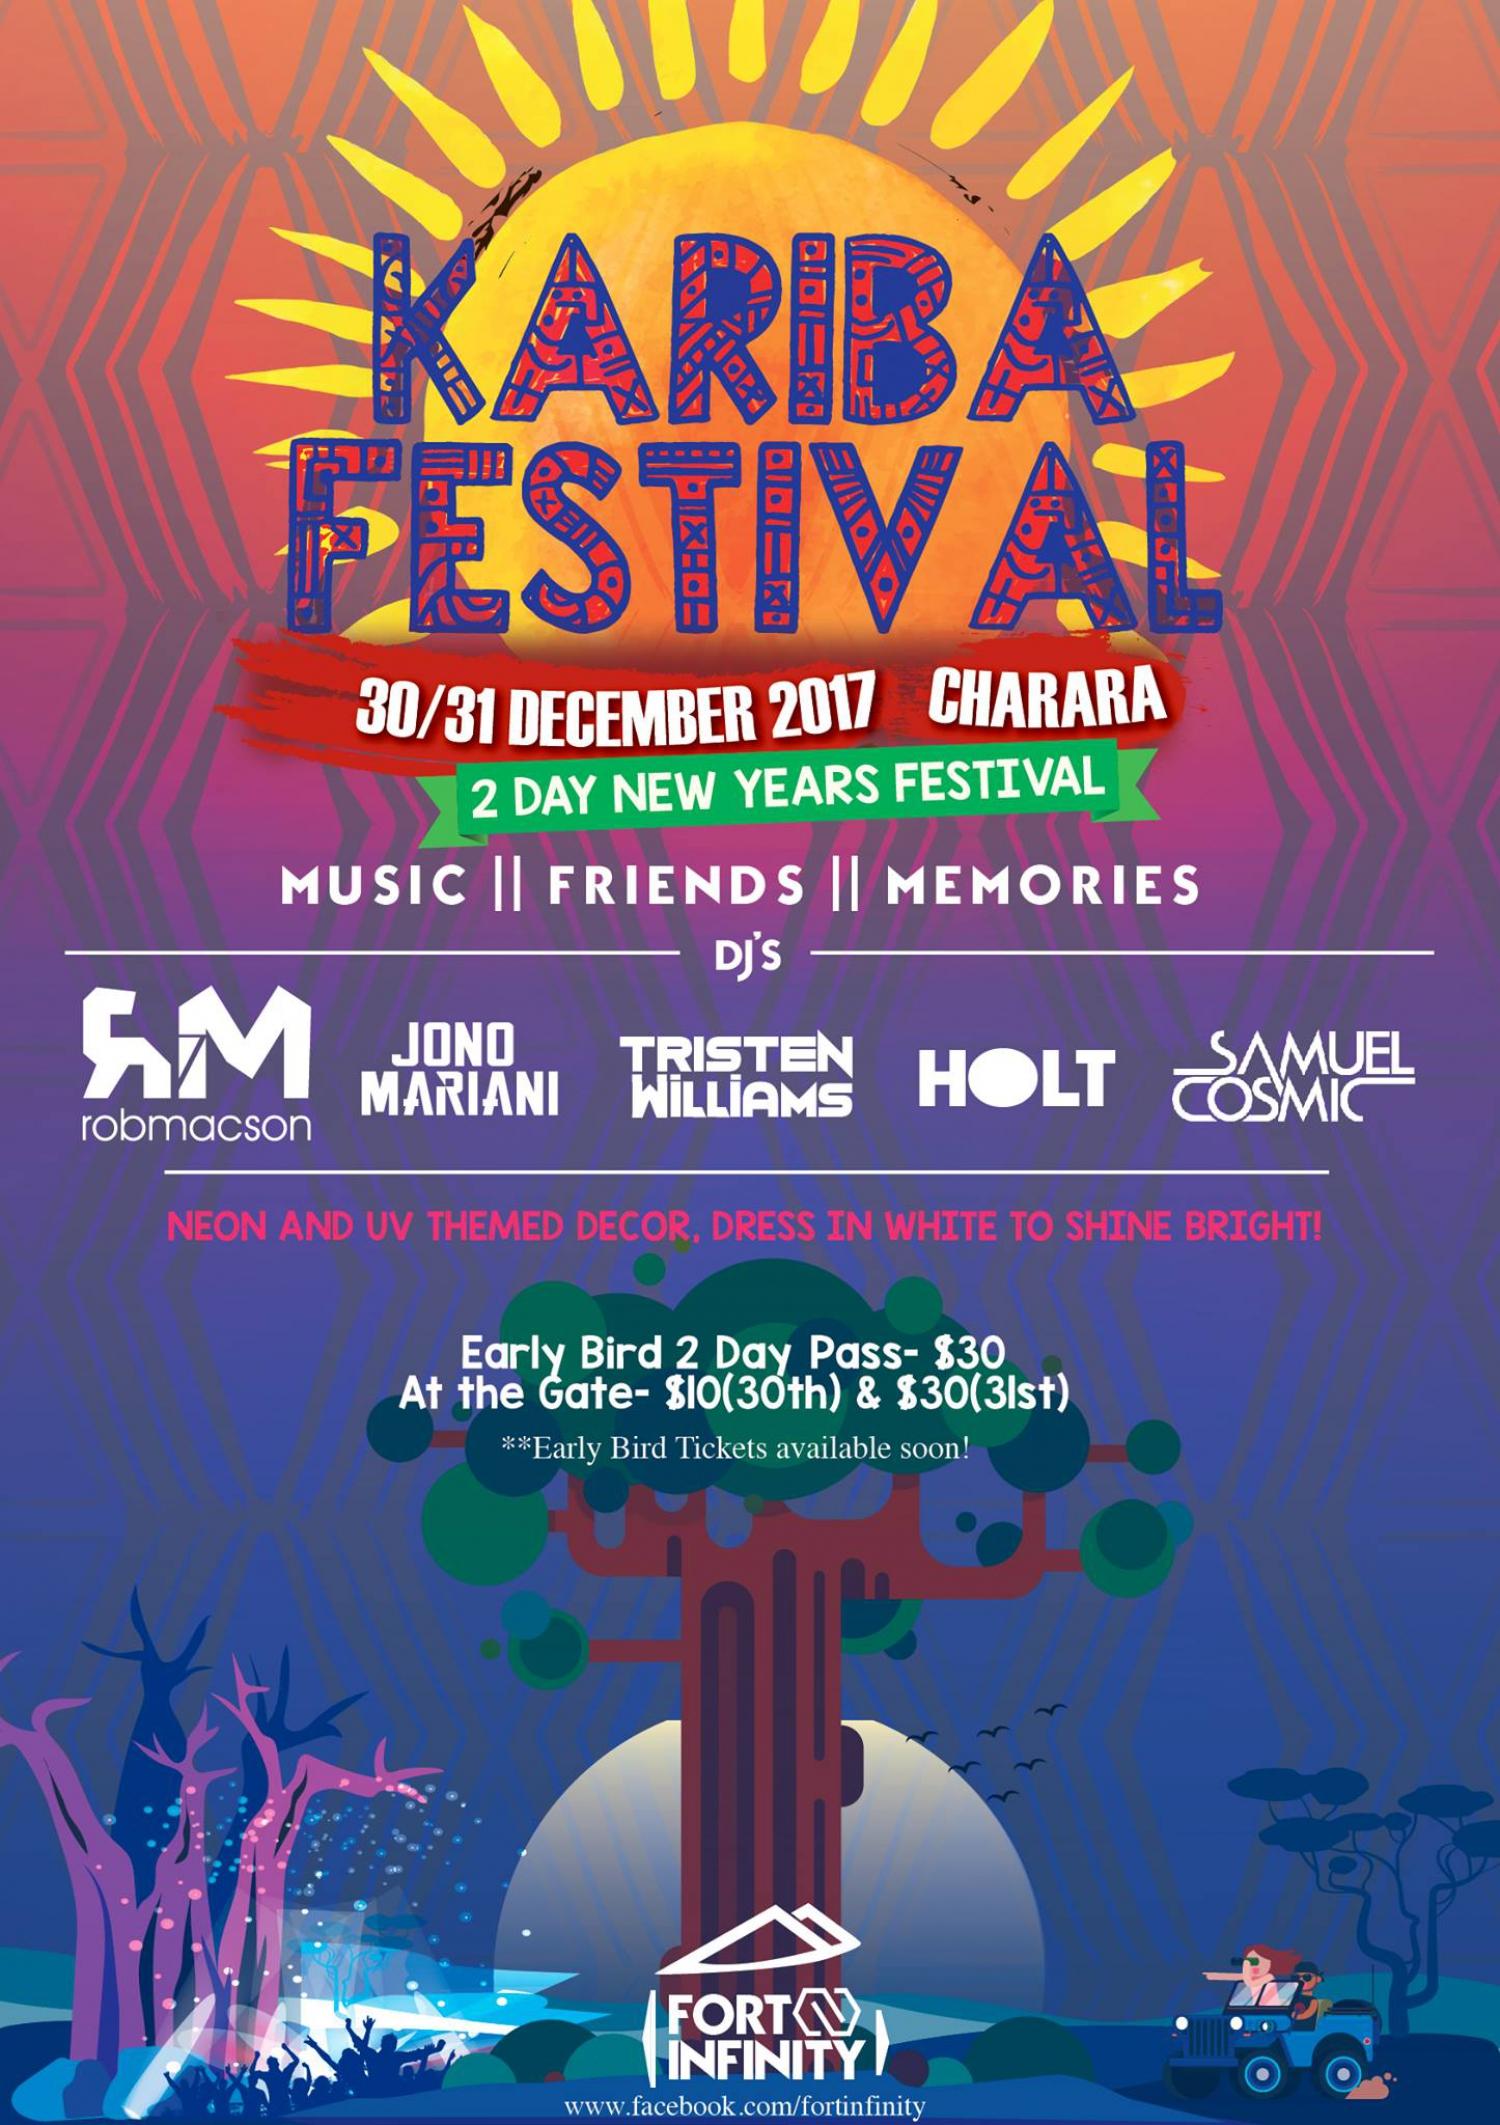 Kariba Festival- 2 Day New Years Festival